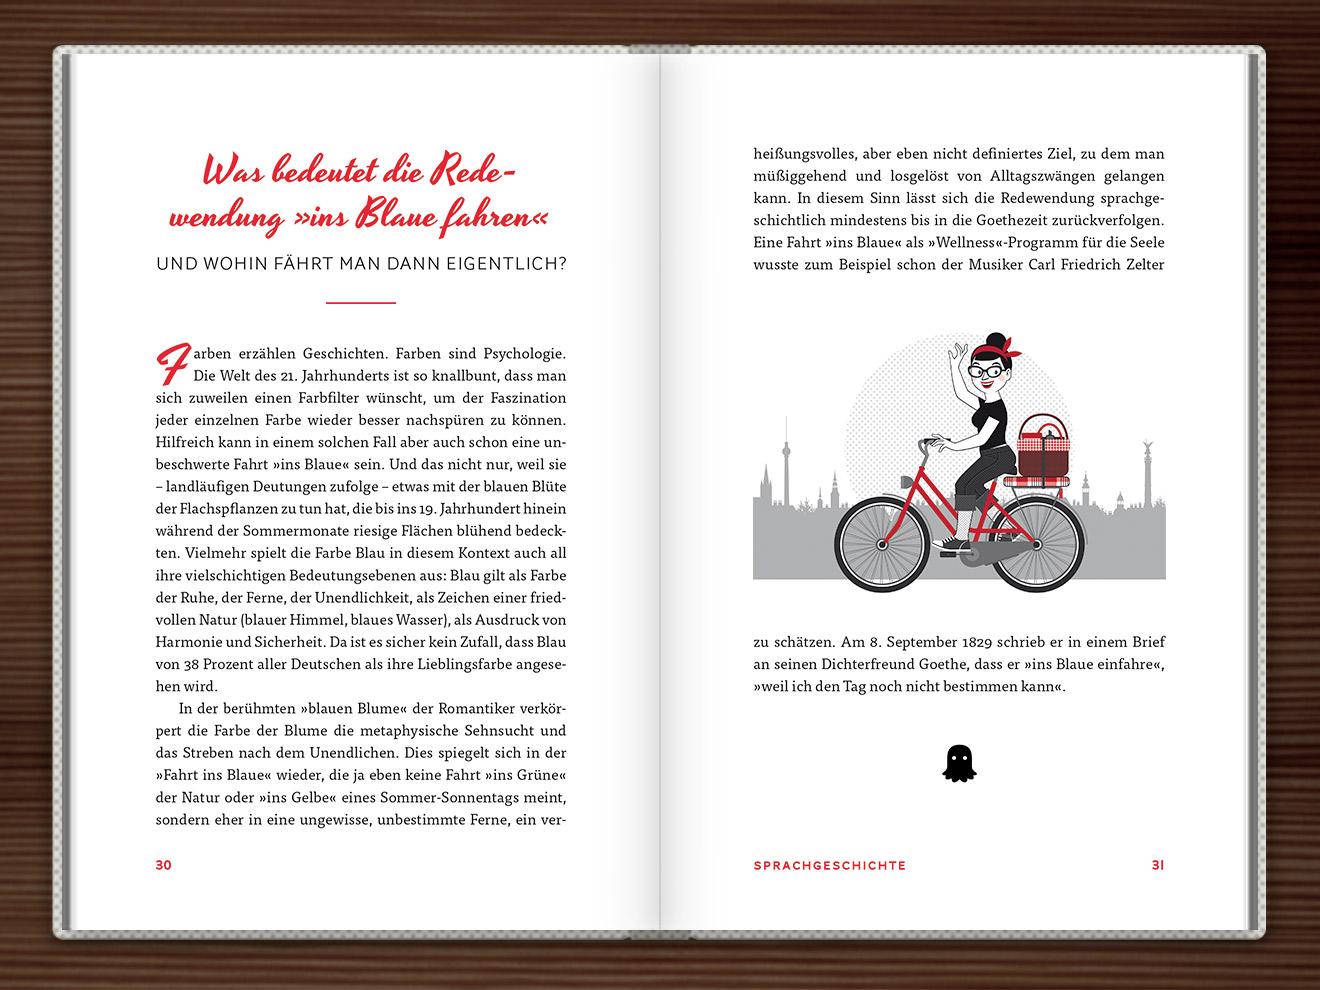 Ins Blaue fahren im Buch Du hast das Wort, Schätzchen! 100 charmante Geschichten rund um die Sprache im Duden Verlag von Rita Mielke mit Illustrationen im Sixties-Stil von Iris Luckhaus